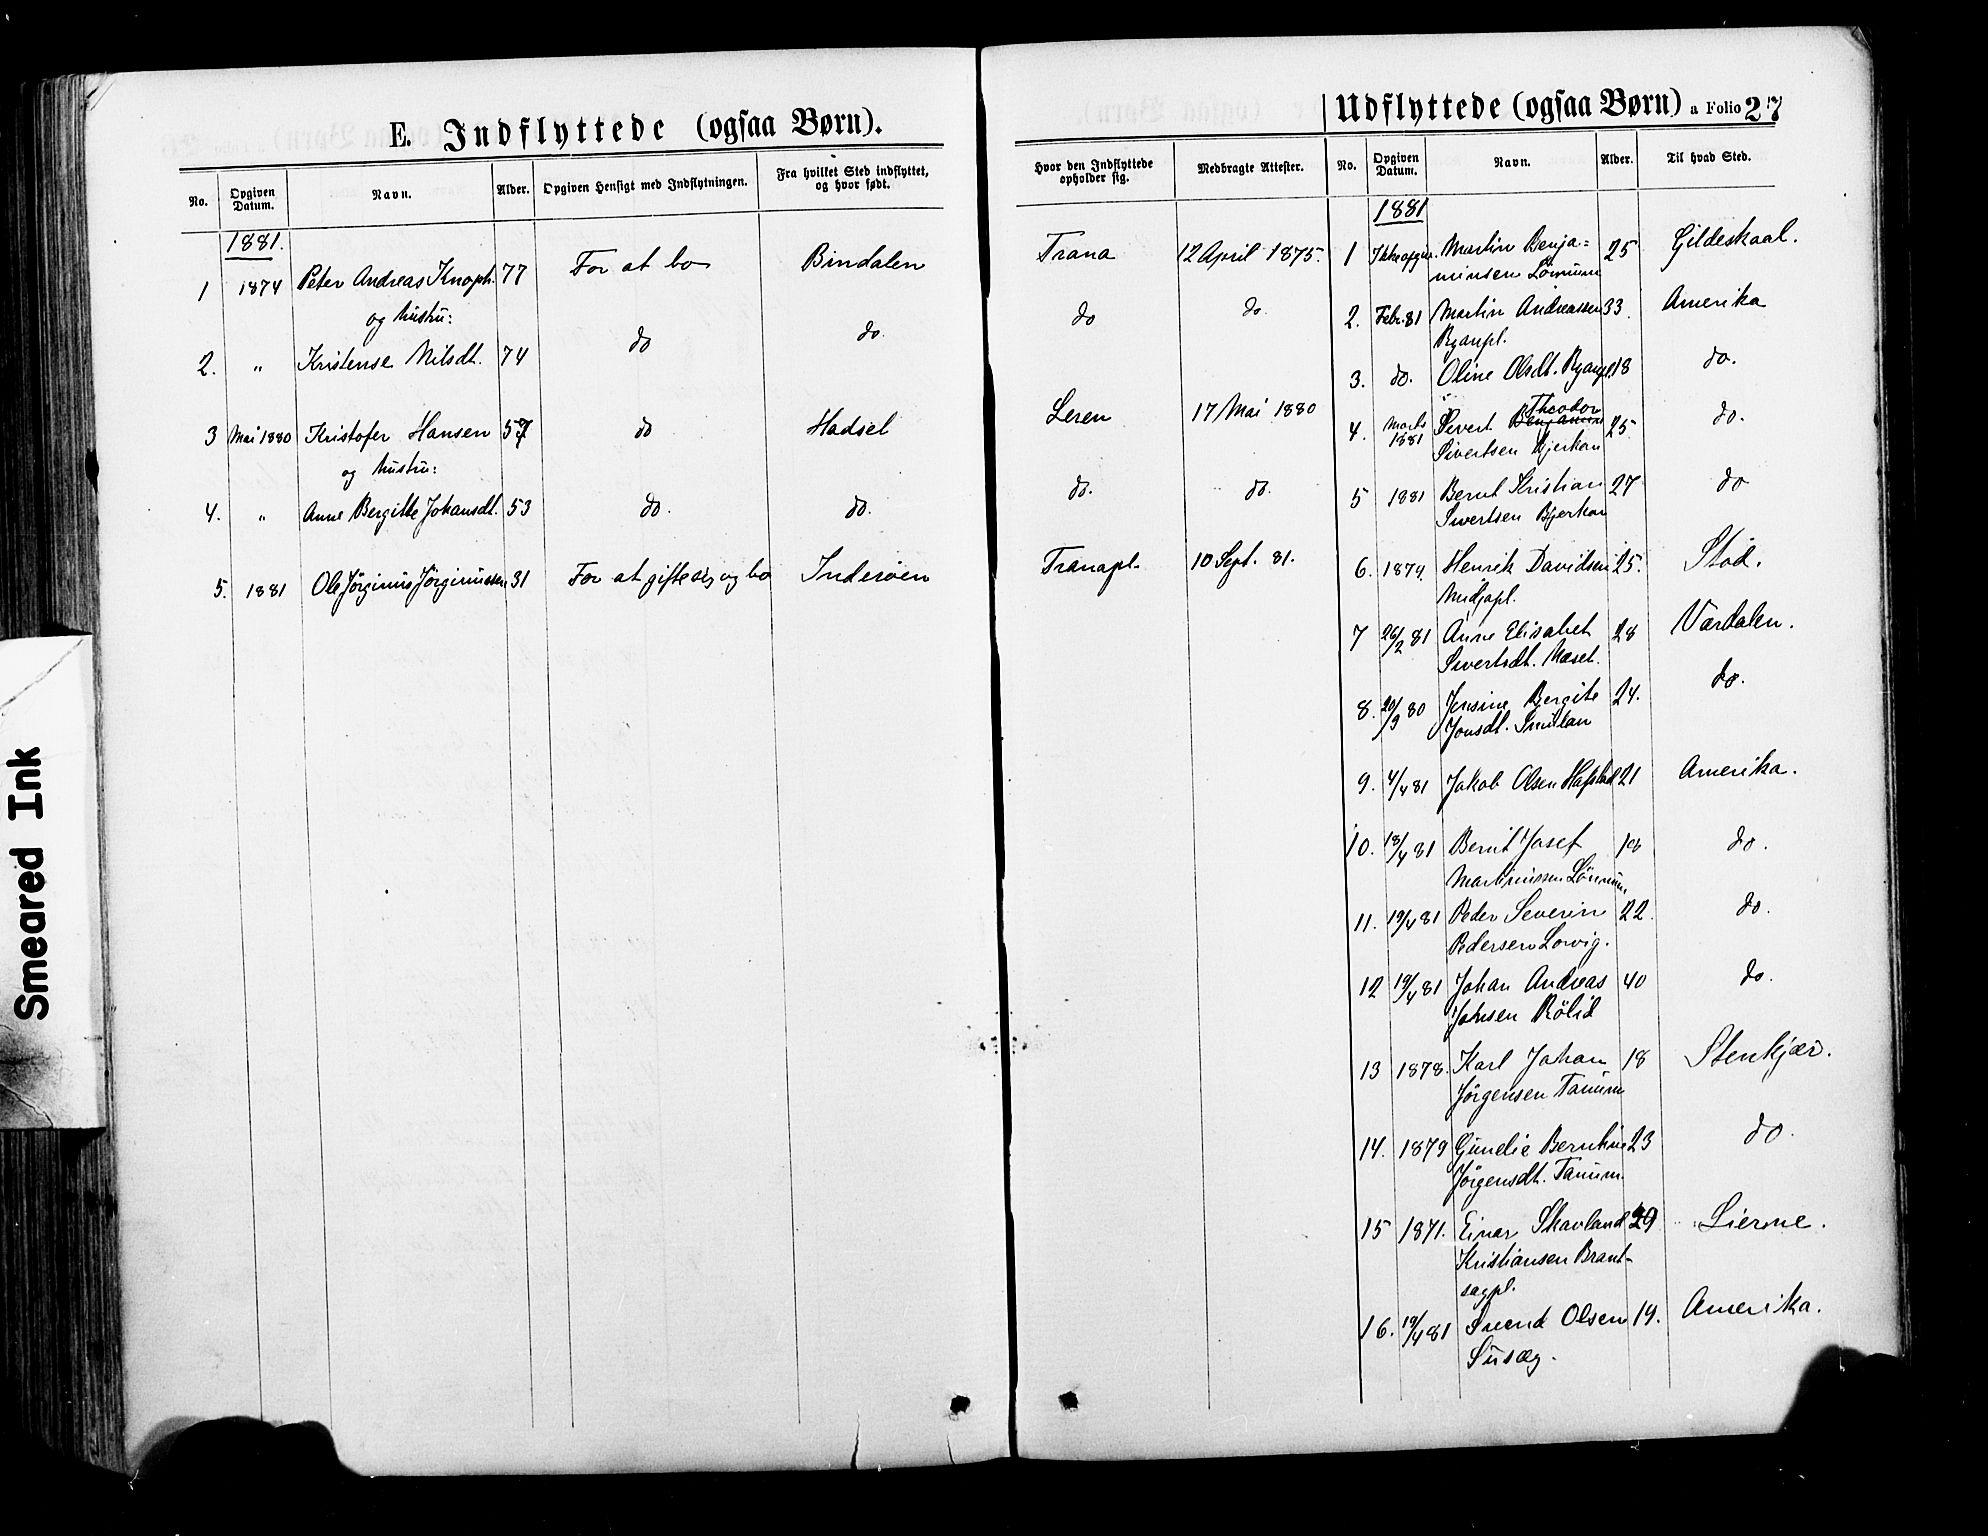 SAT, Ministerialprotokoller, klokkerbøker og fødselsregistre - Nord-Trøndelag, 735/L0348: Ministerialbok nr. 735A09 /1, 1873-1883, s. 27